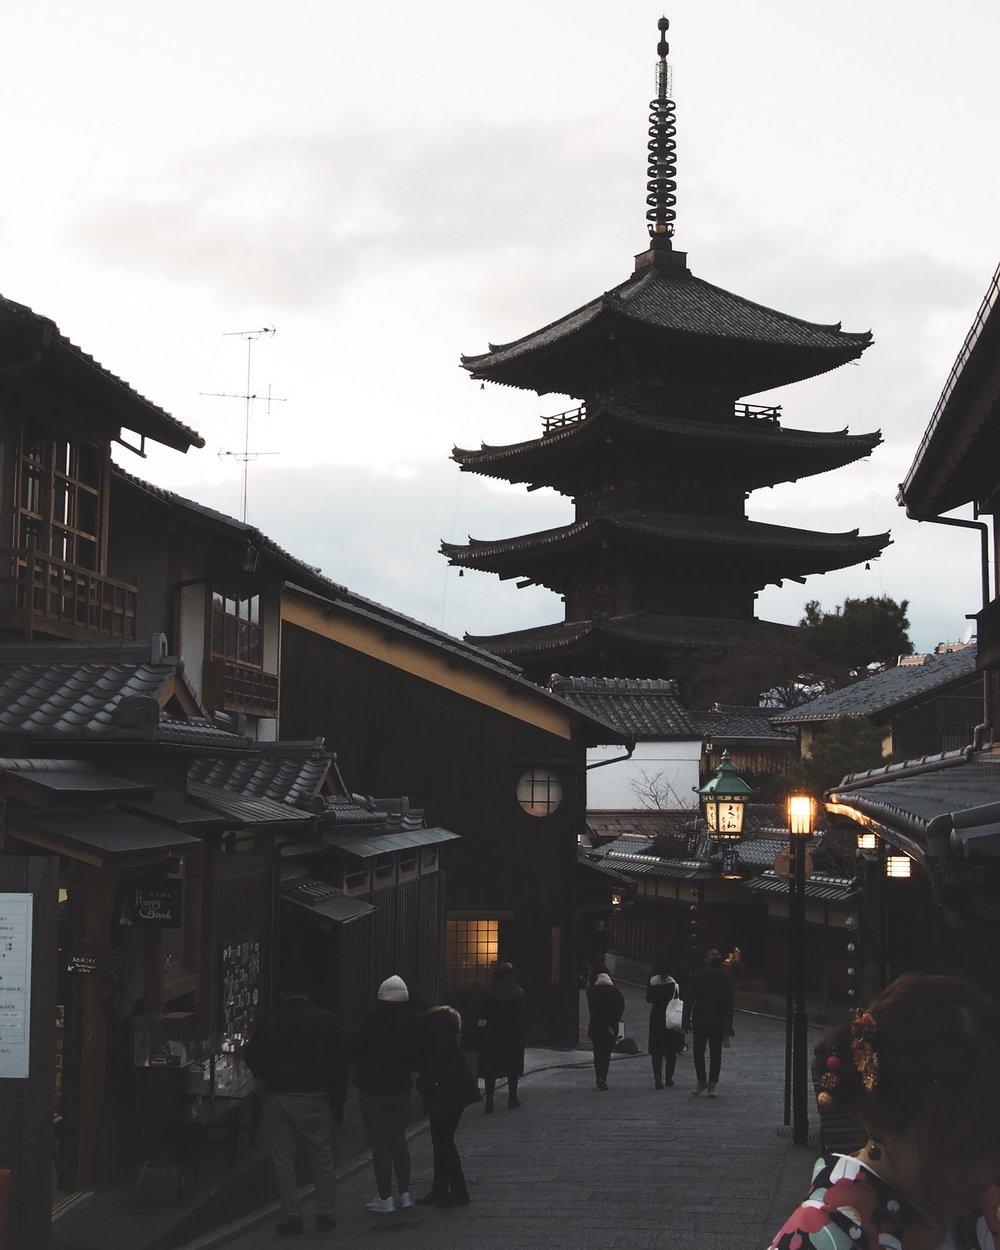 Yasaka Pagoda (hokanji) in Kyoto, Japan